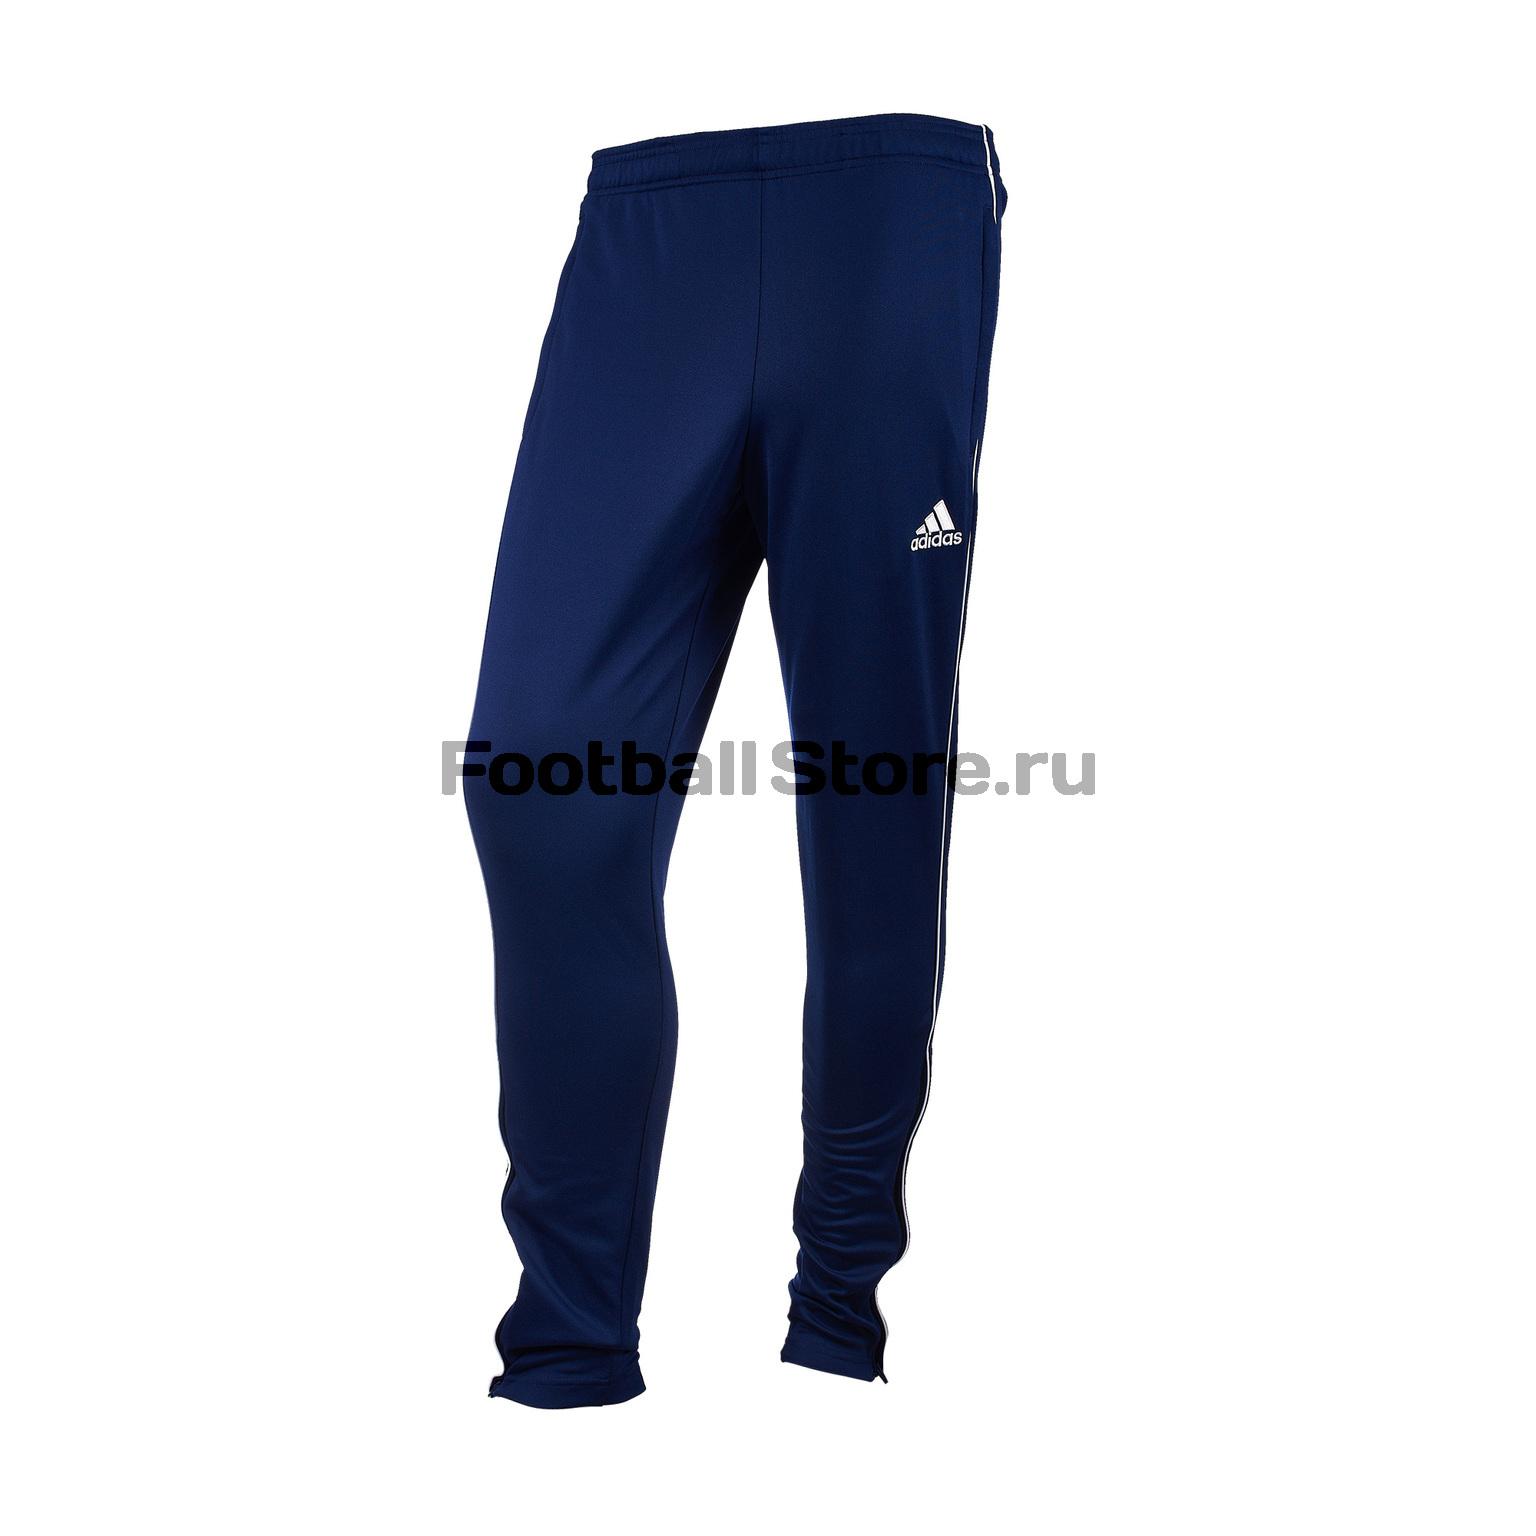 Брюки тренировочные Adidas Core18 TR Pnt CV3988 спортивные штаны мужские adidas regi18 tr pnt цвет черный cz8657 размер xl 56 58